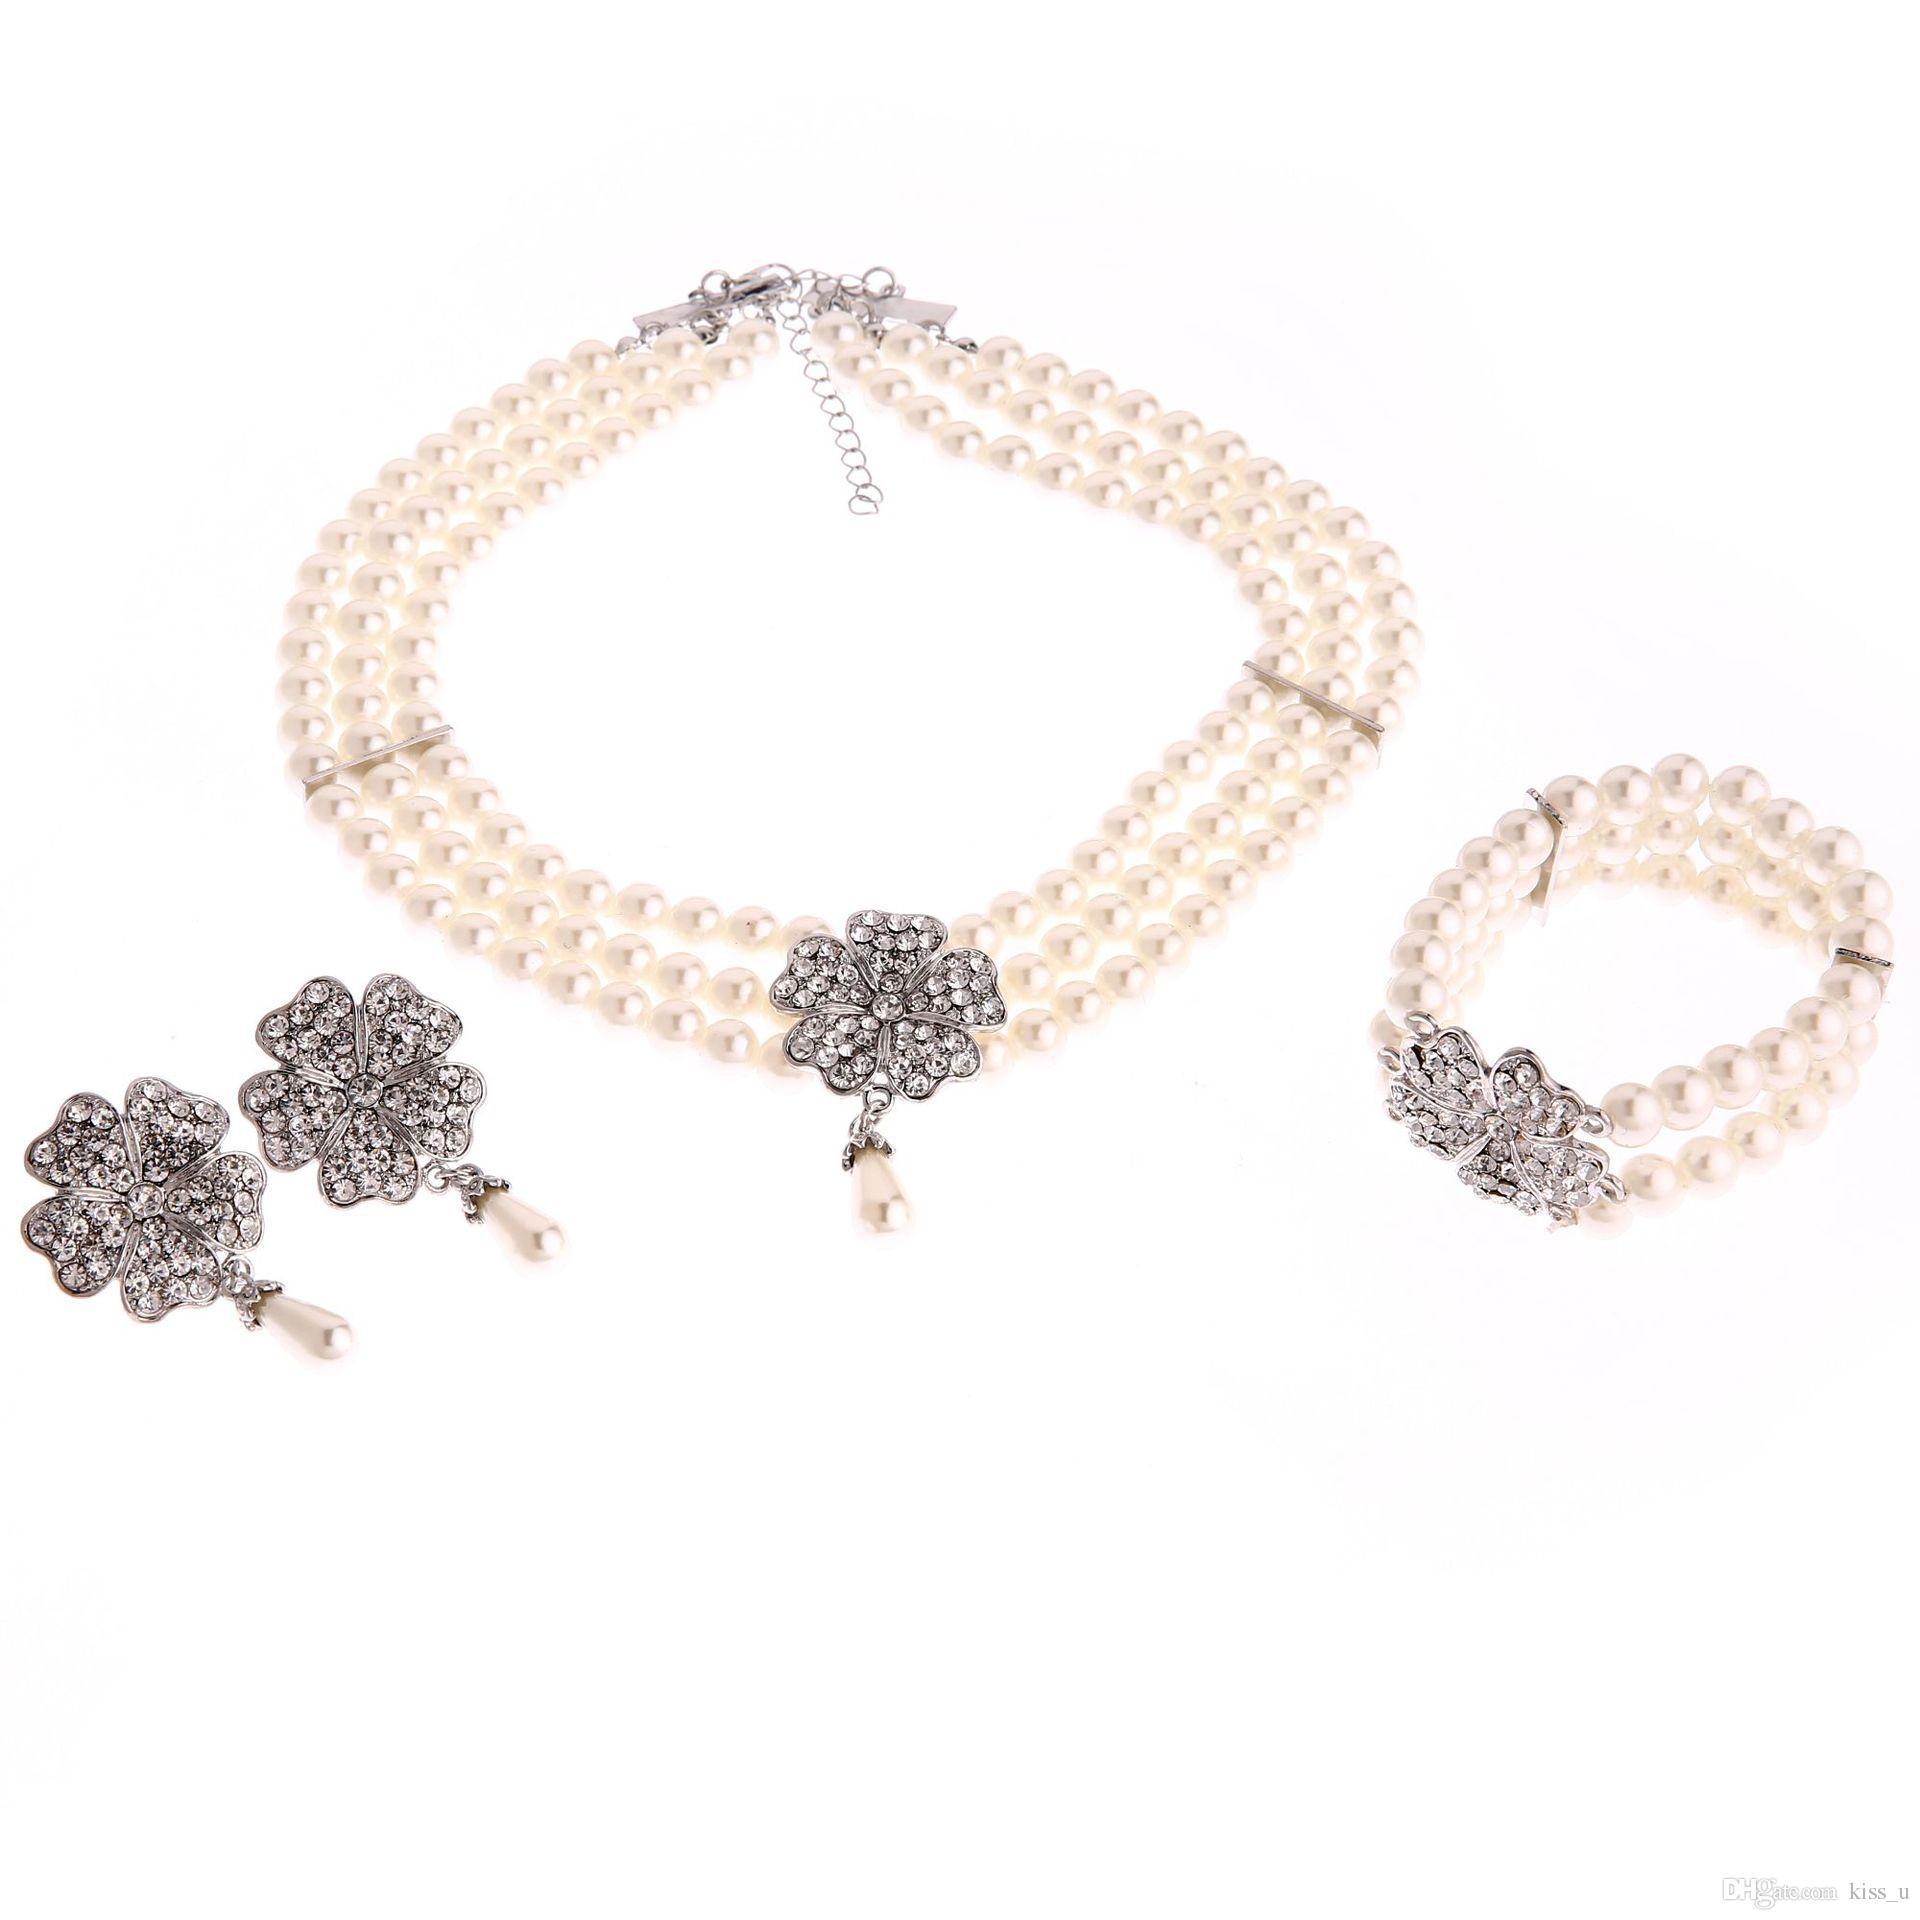 Earrings For Women 2018 Elegant Pearl Bridal Jewelry Sets Silver